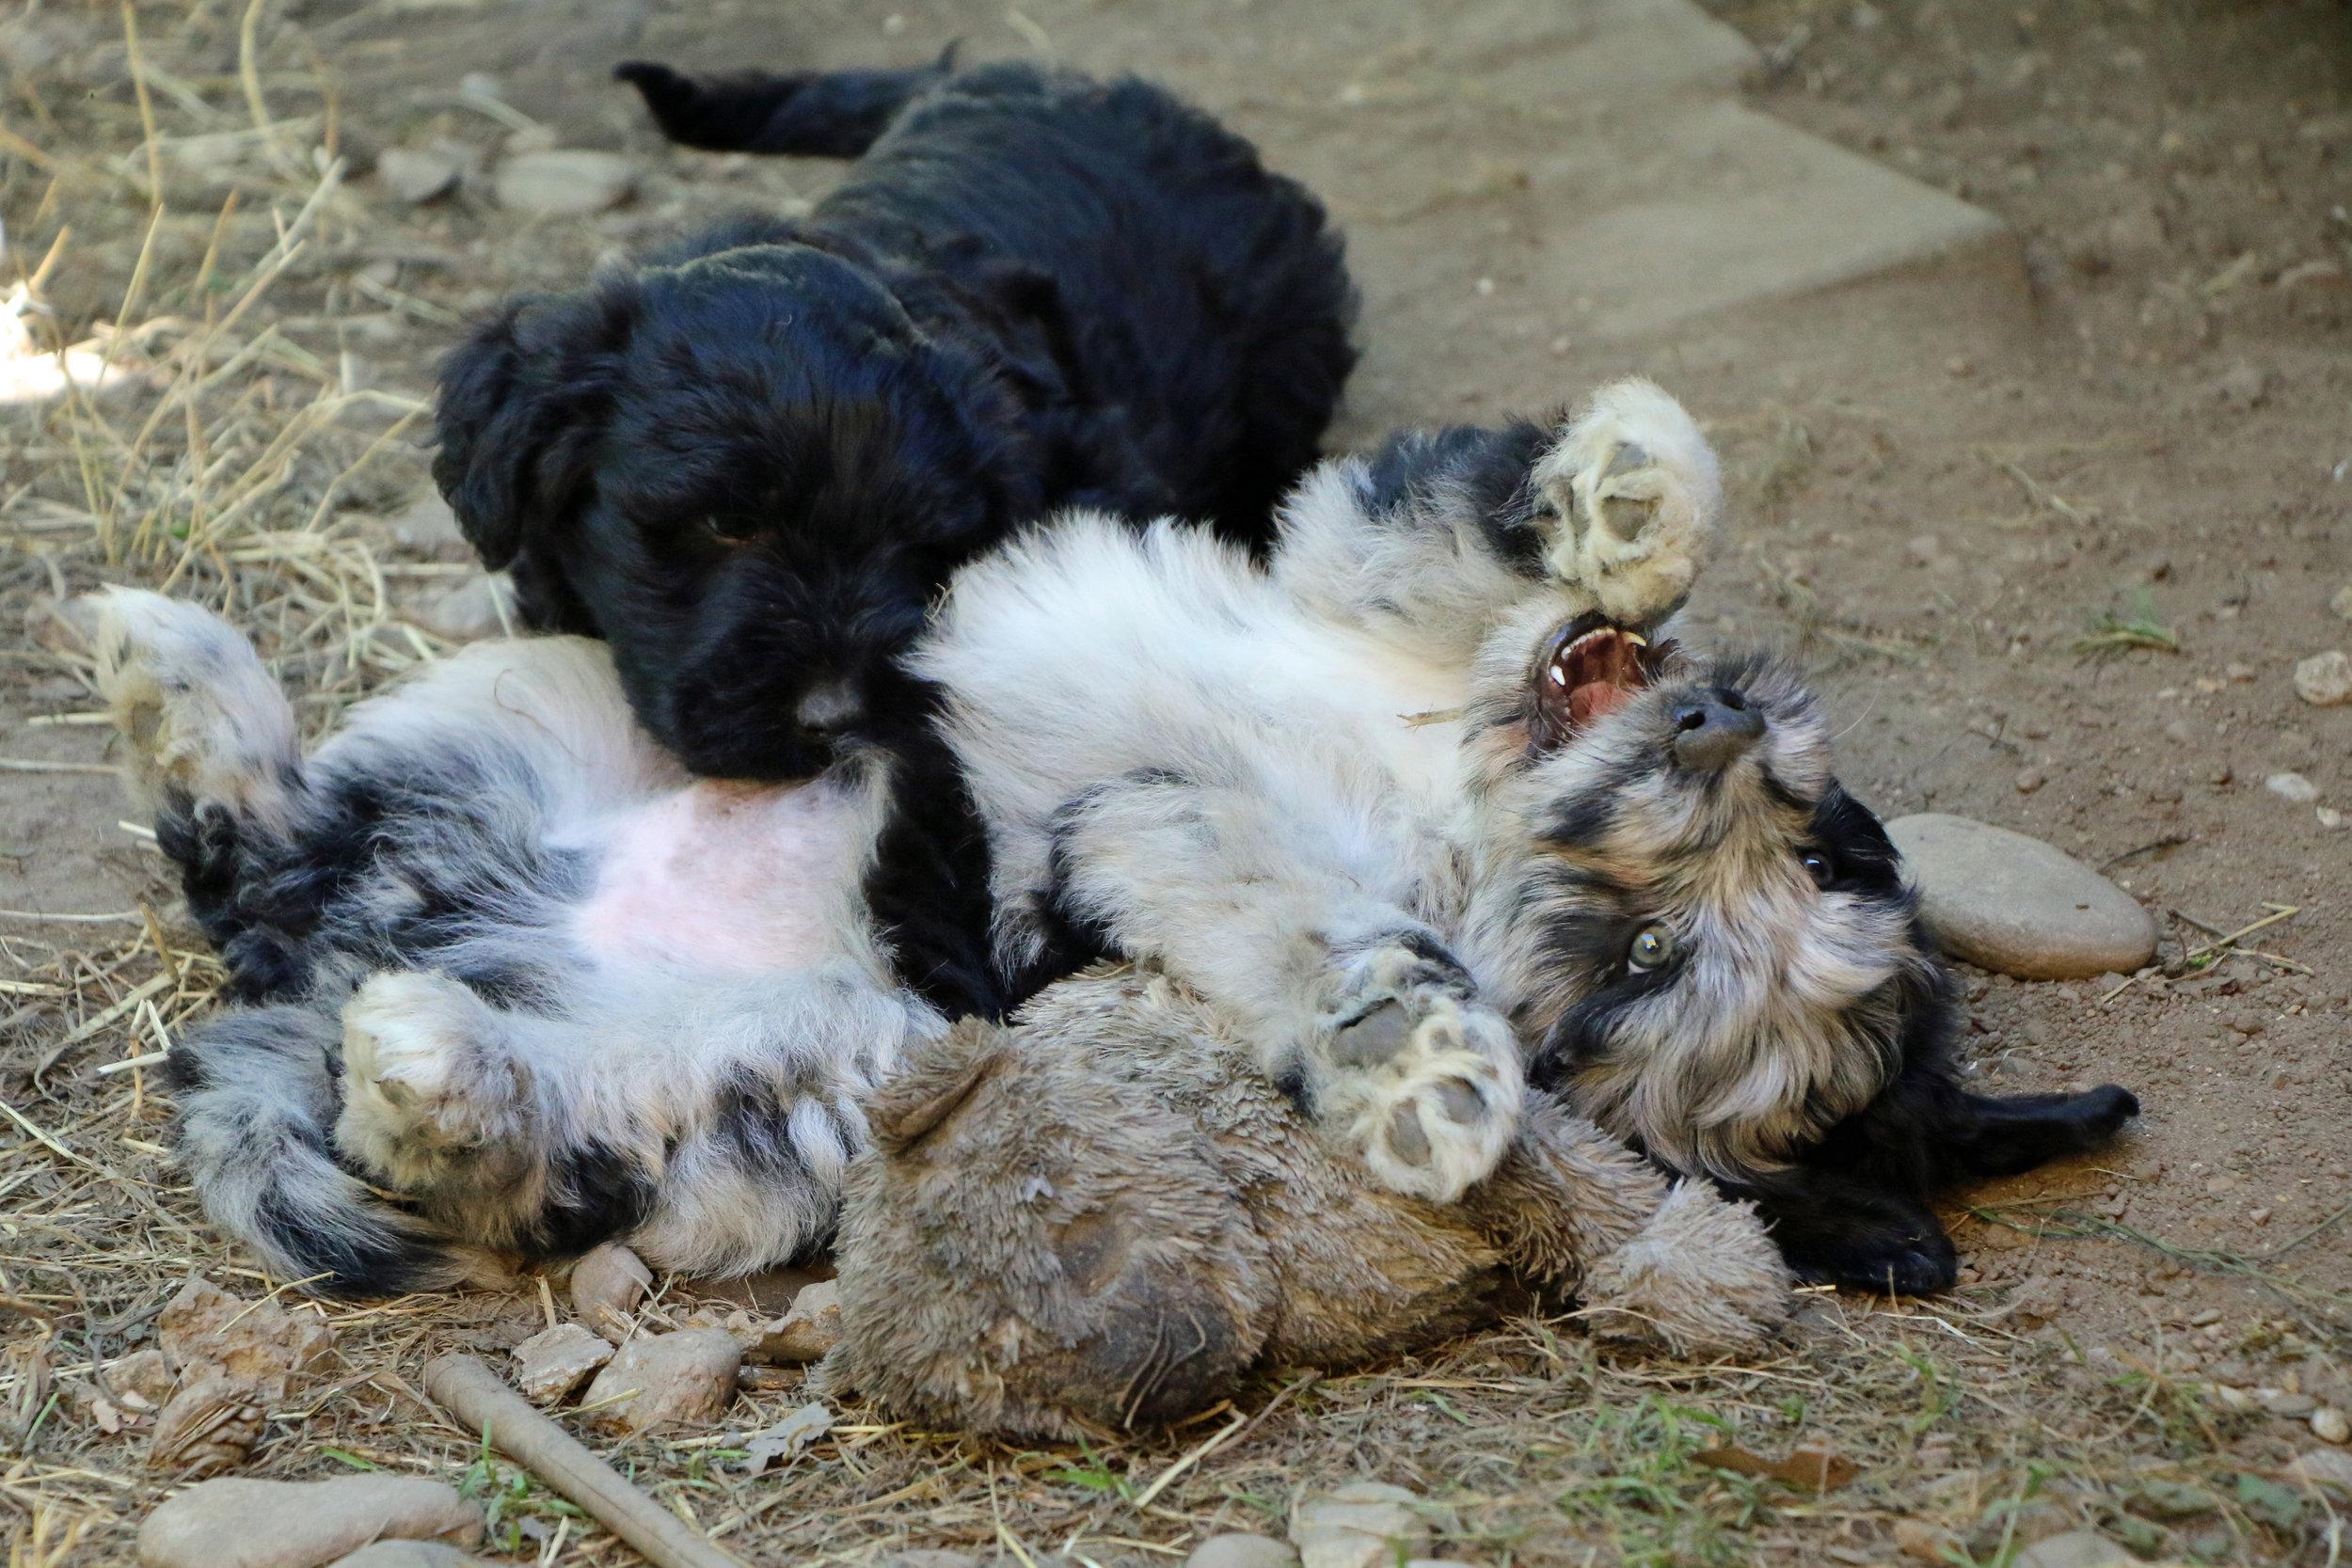 Puppies 7 weeks old